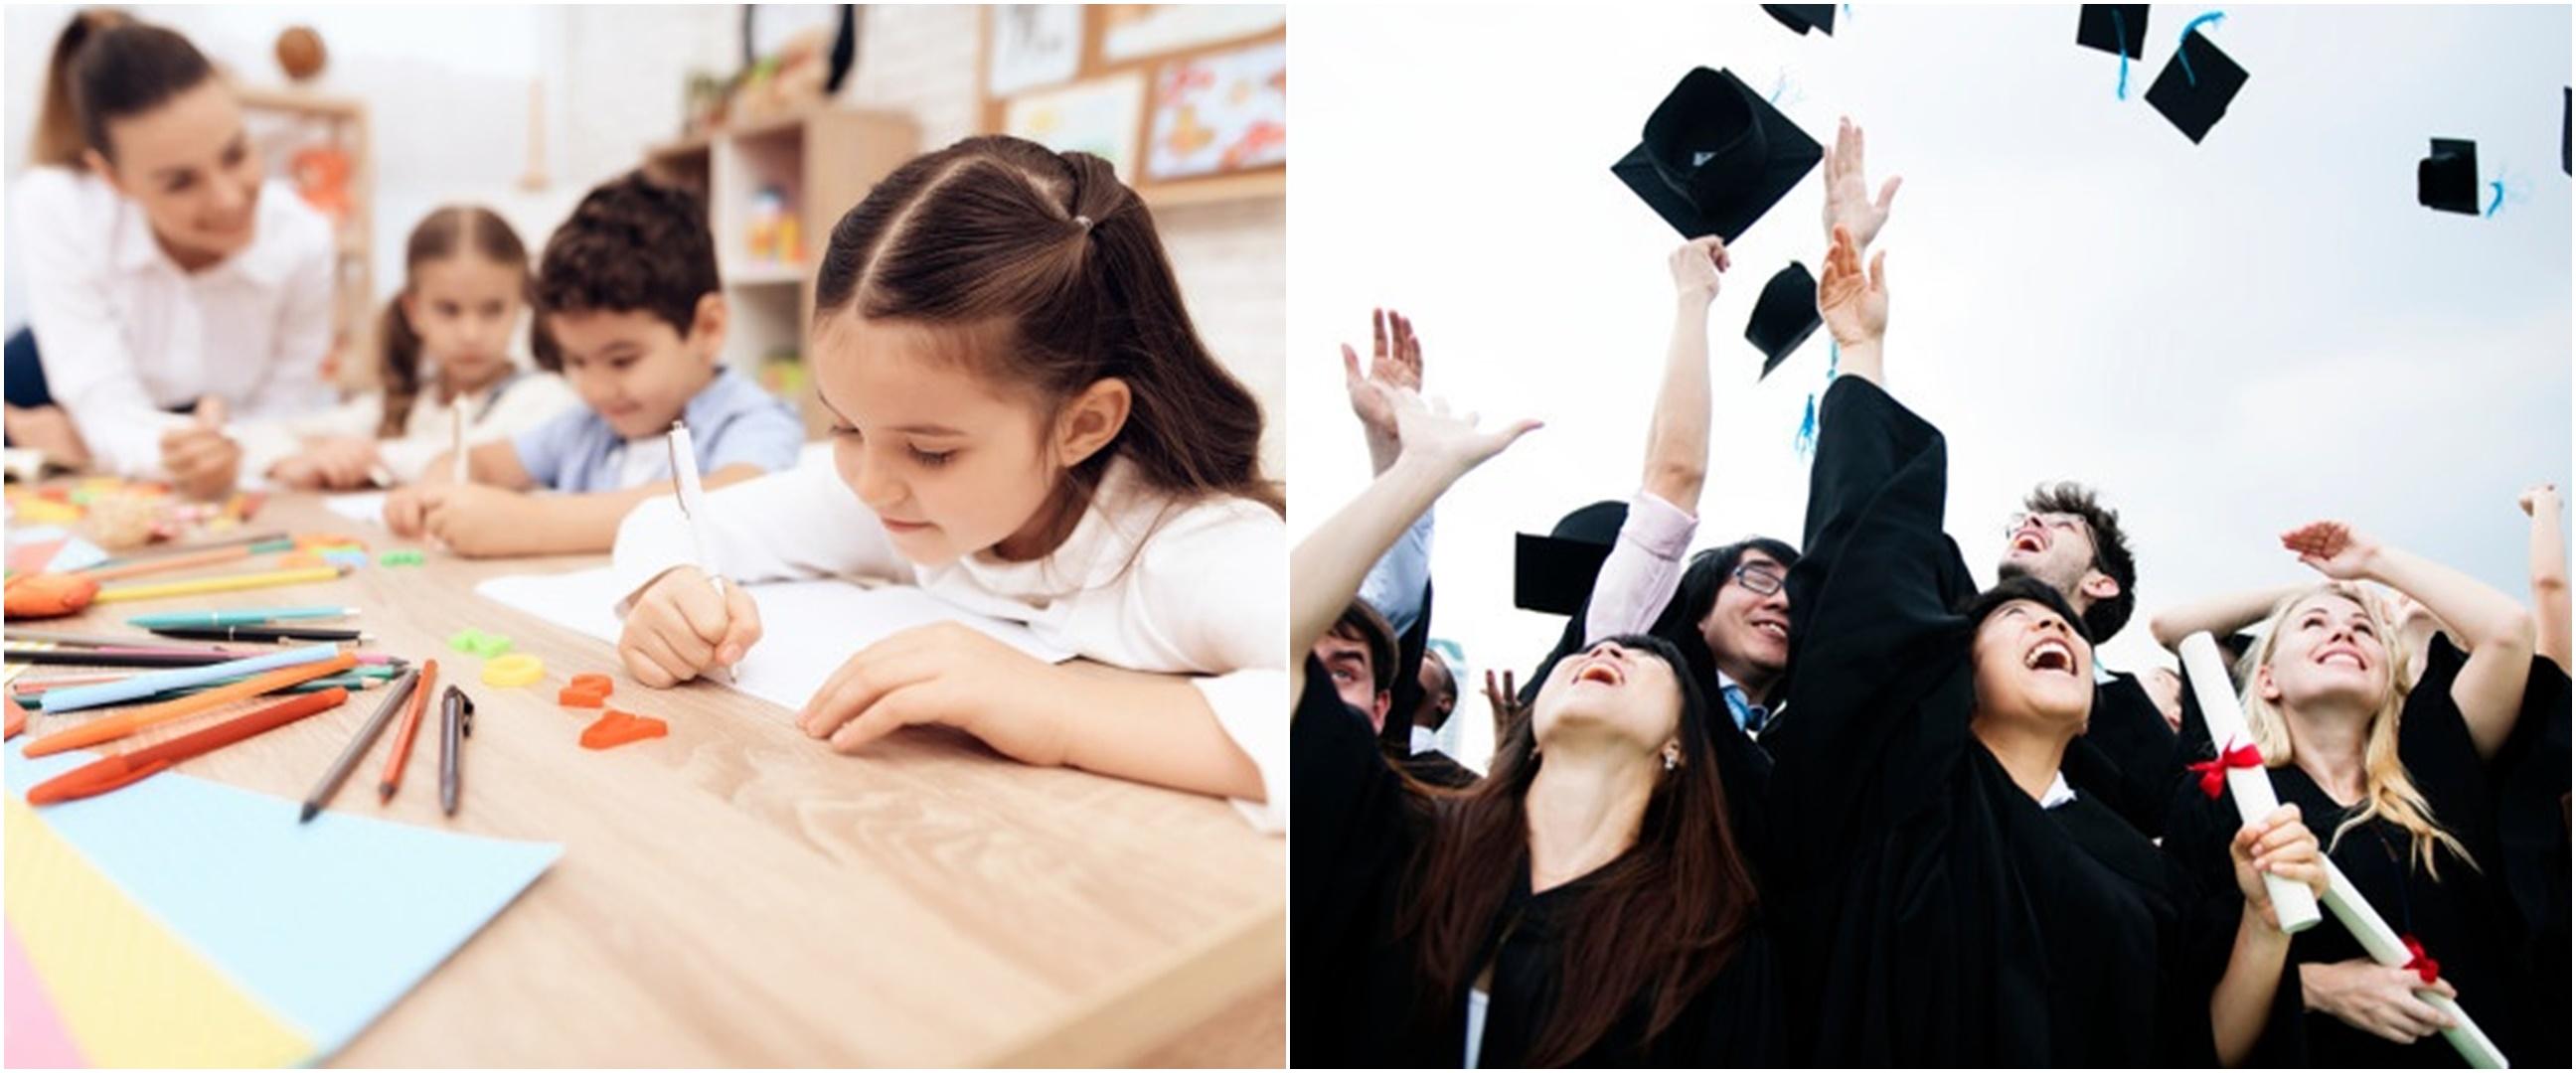 50 Kata-kata bijak tentang pendidikan, bikin semangat meraih cita-cita